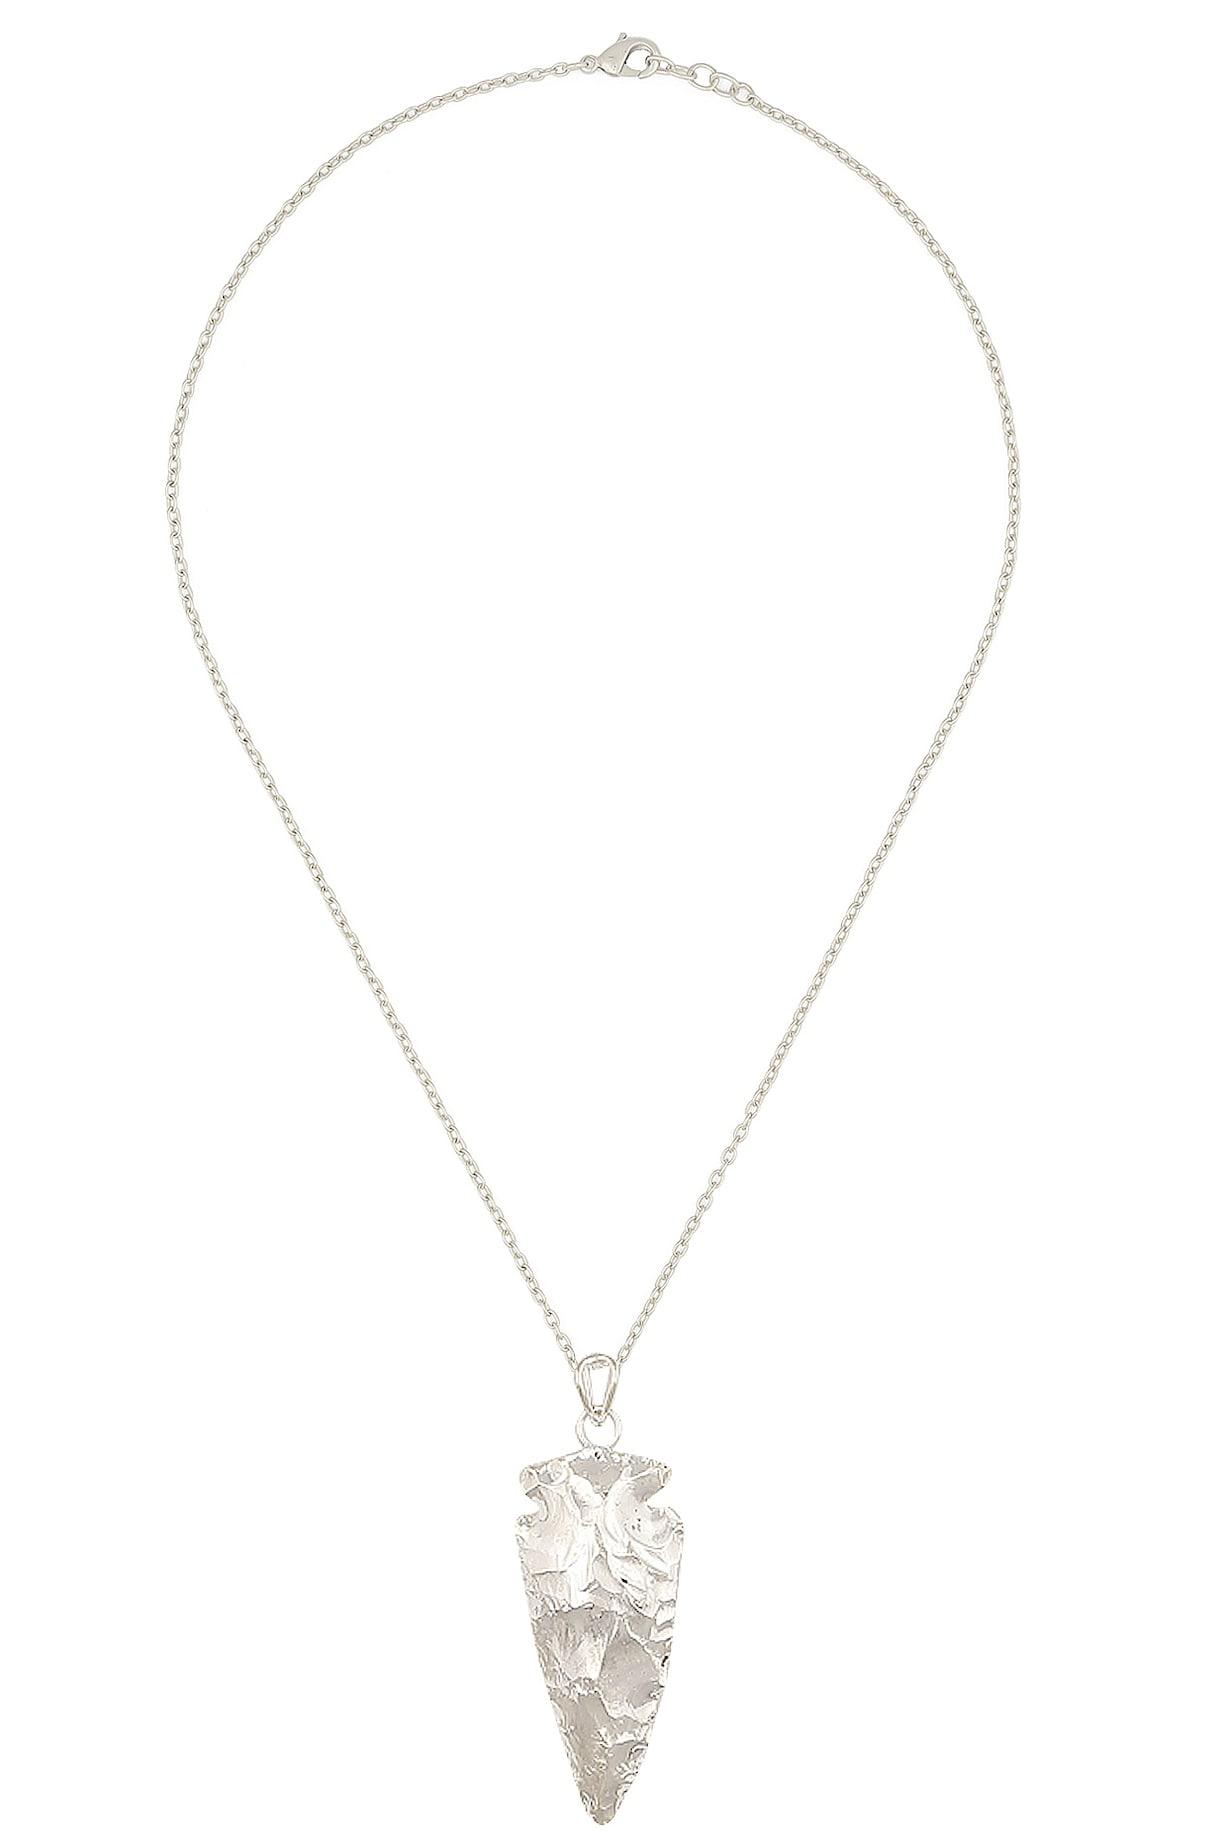 Eurumme Jewellery